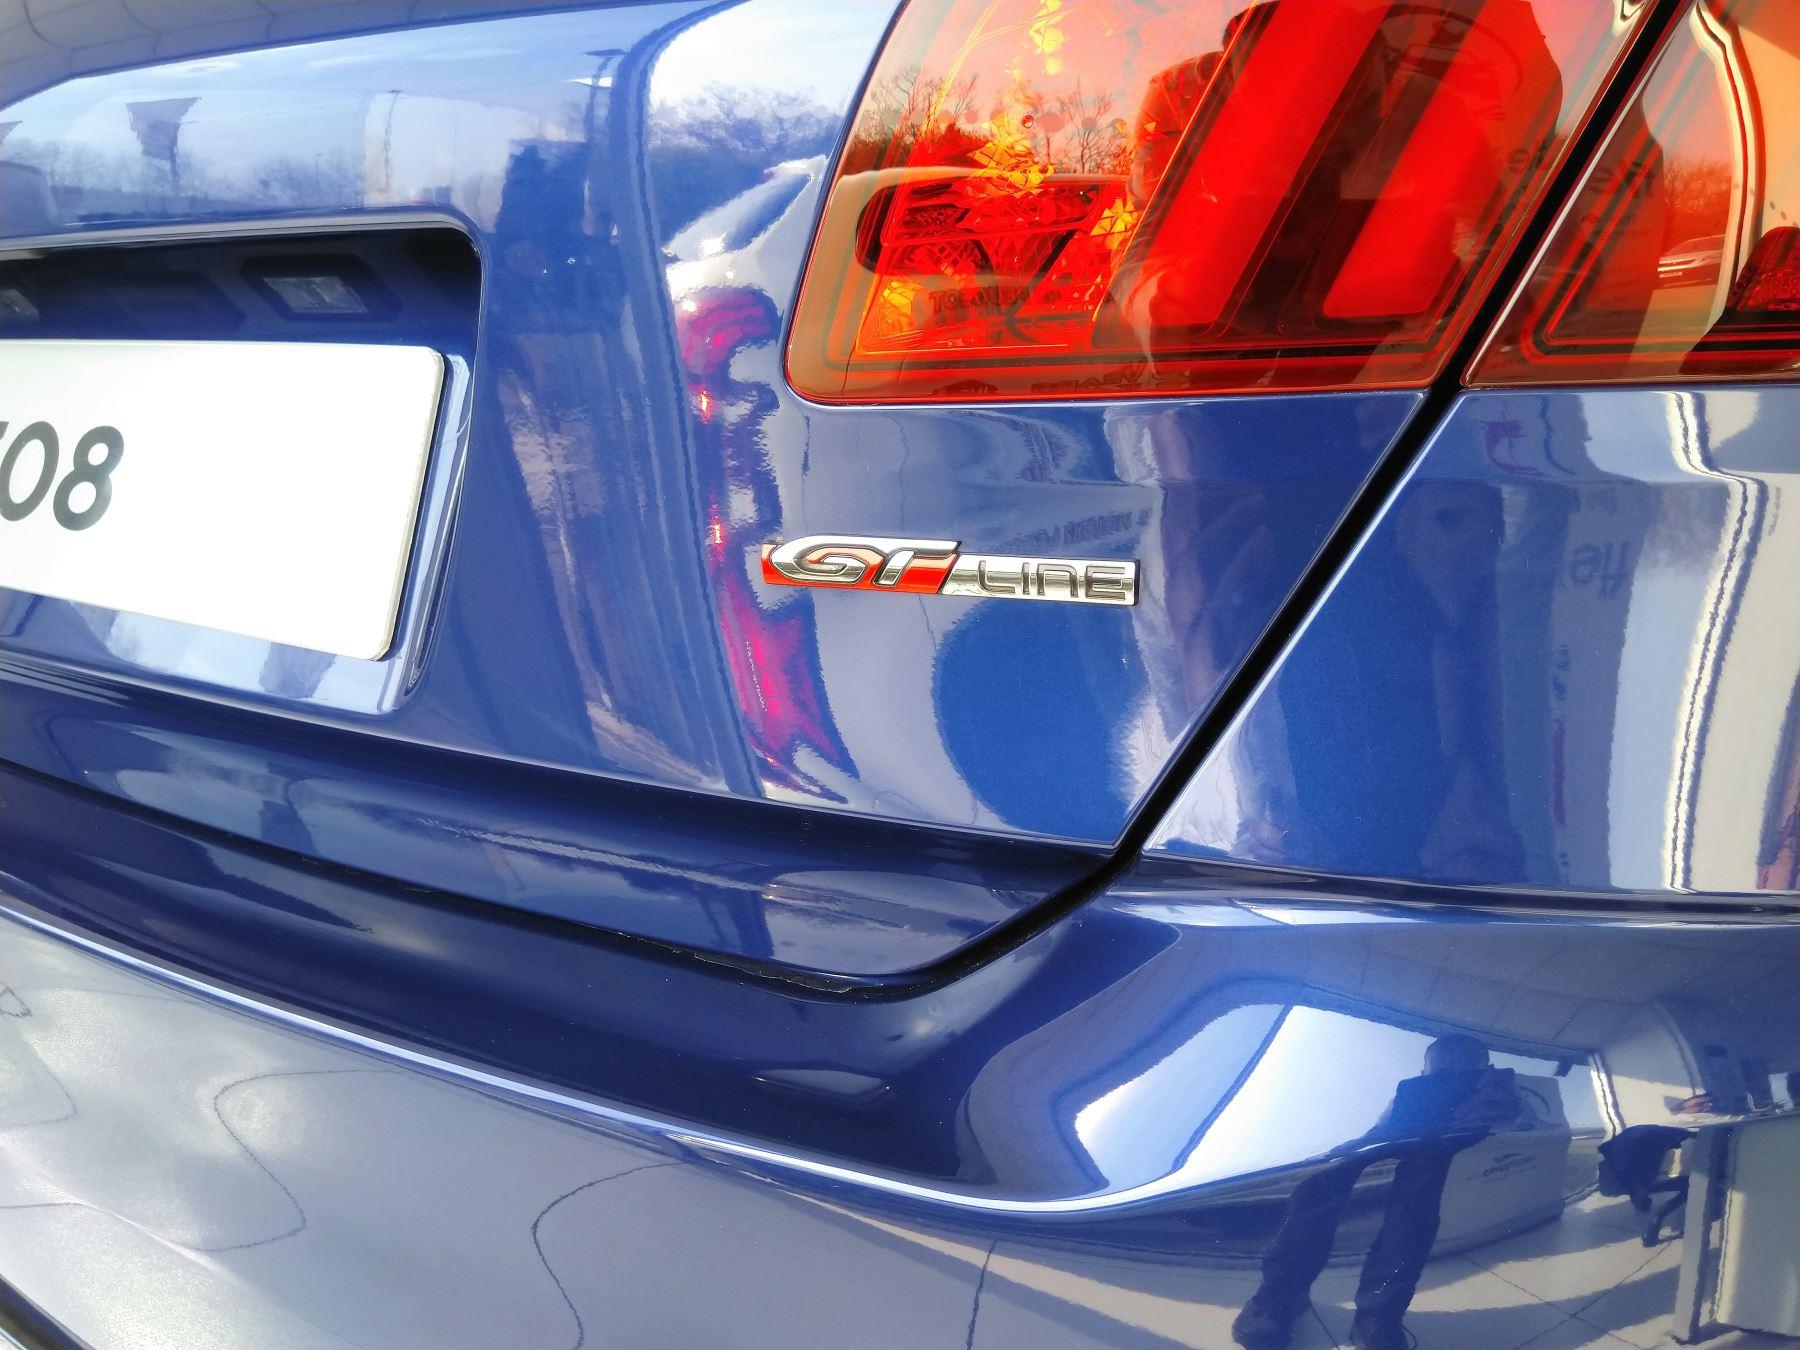 Peugeot 308 1.5 BlueHDi 130 GT Line image 4